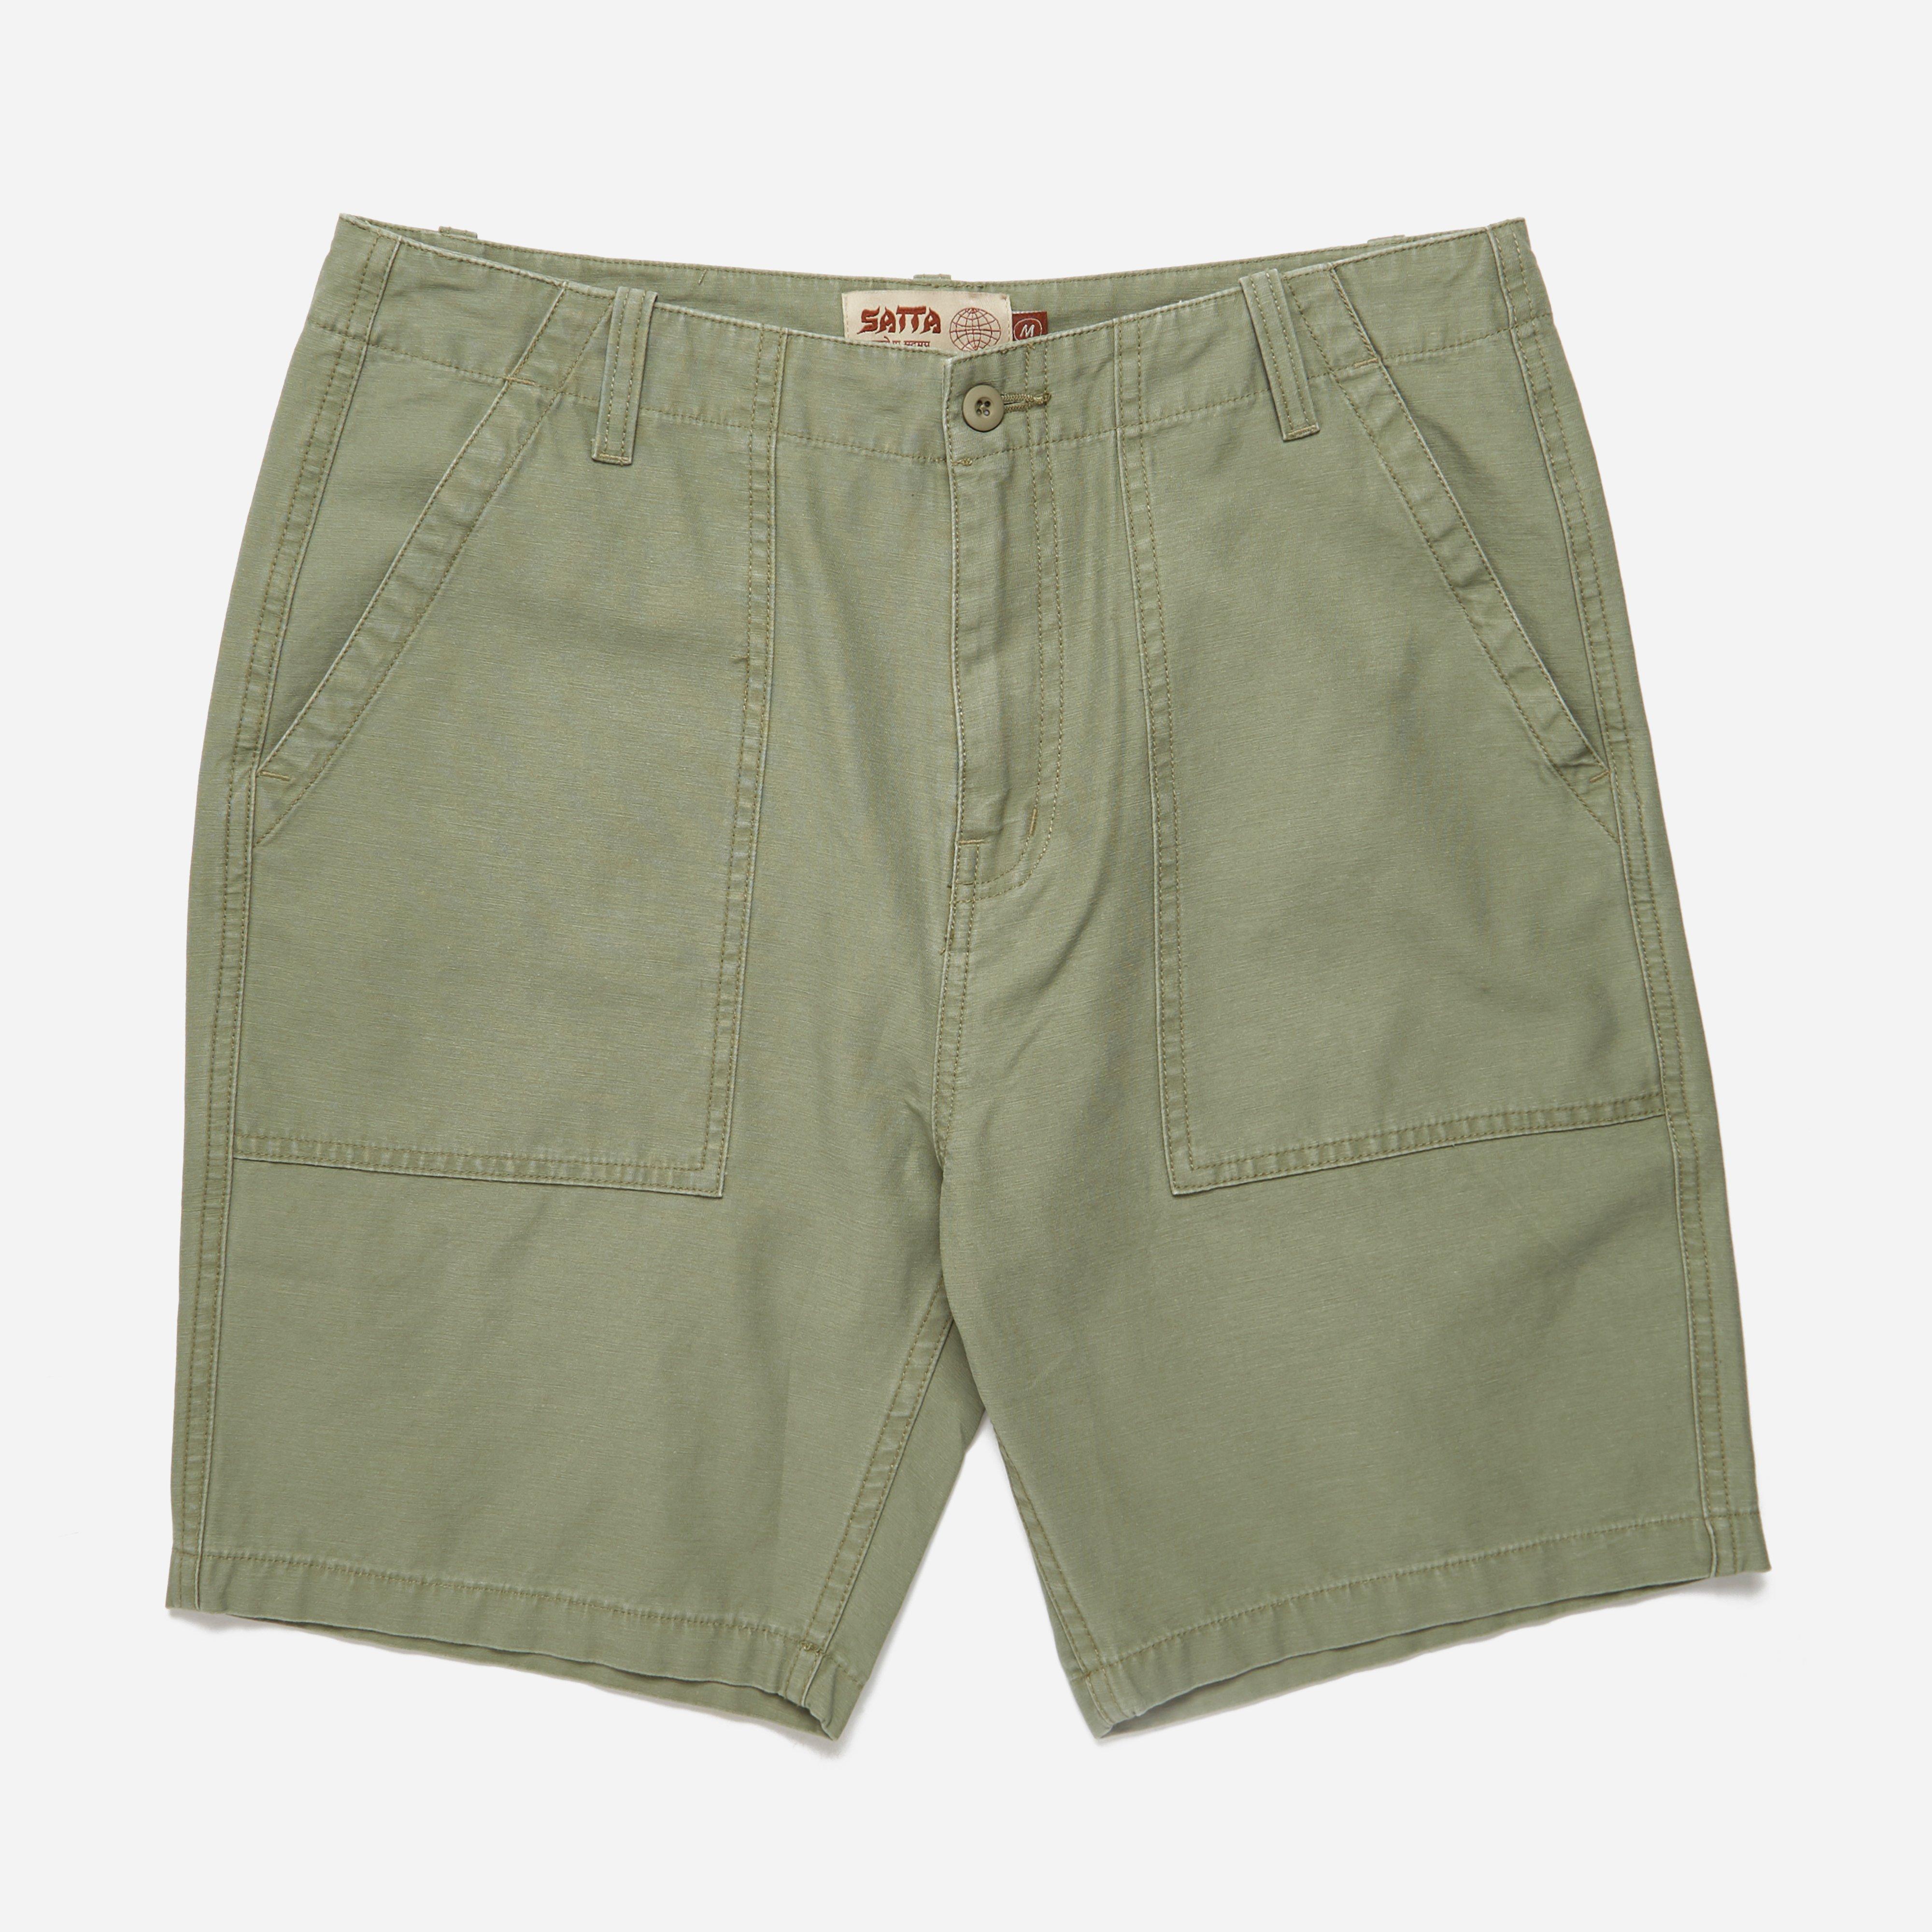 Satta Utility Shorts